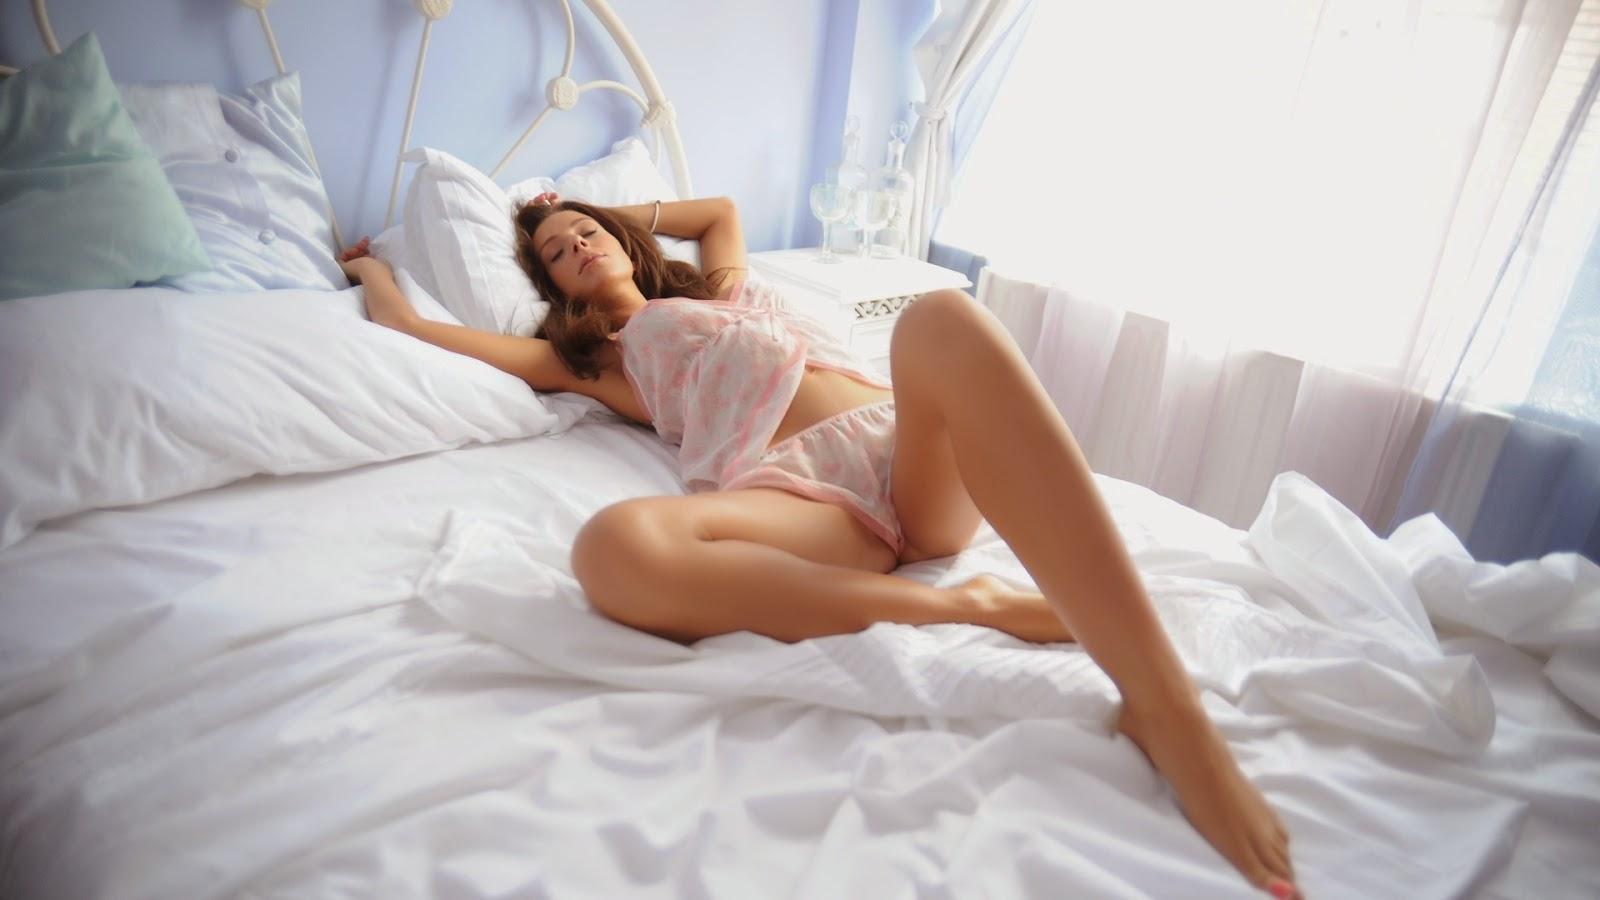 Самі найпопулярніші пози у сексі смотреть онлайн 4 фотография